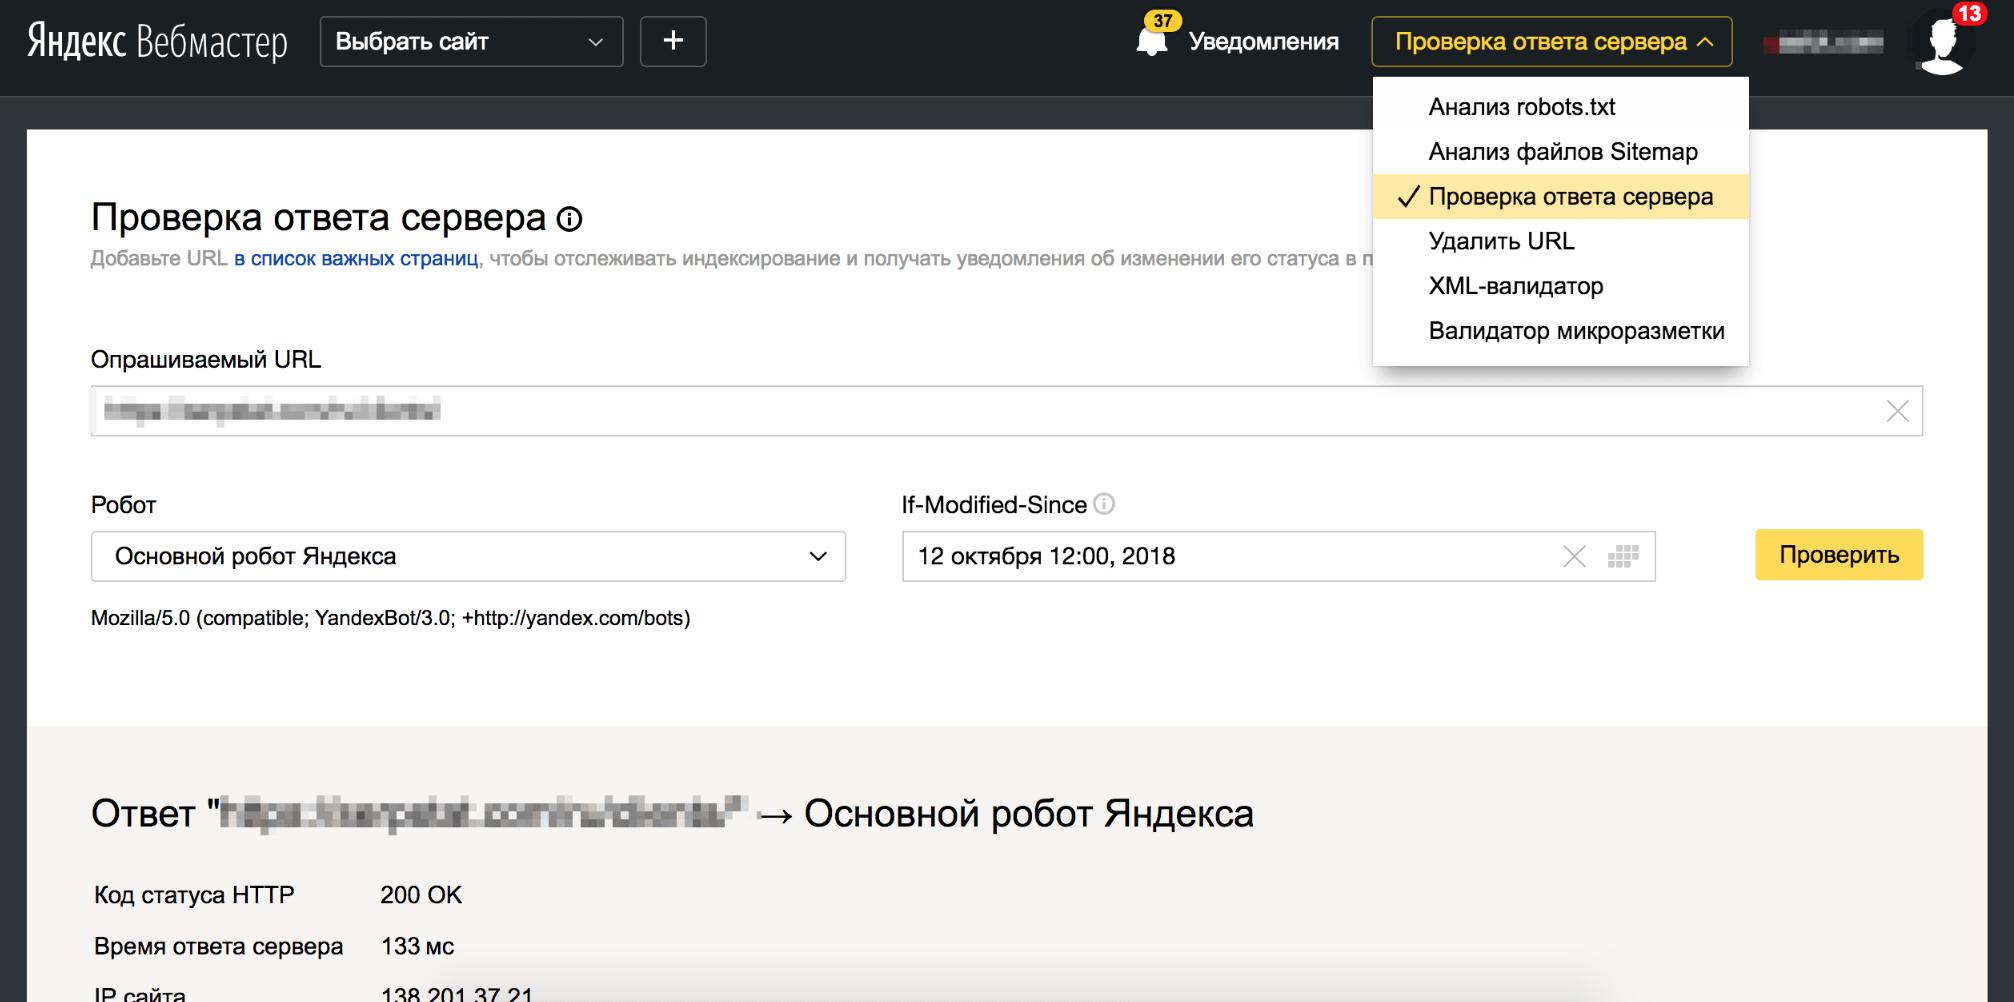 Проверка доноров в Яндекс.Вебмастер